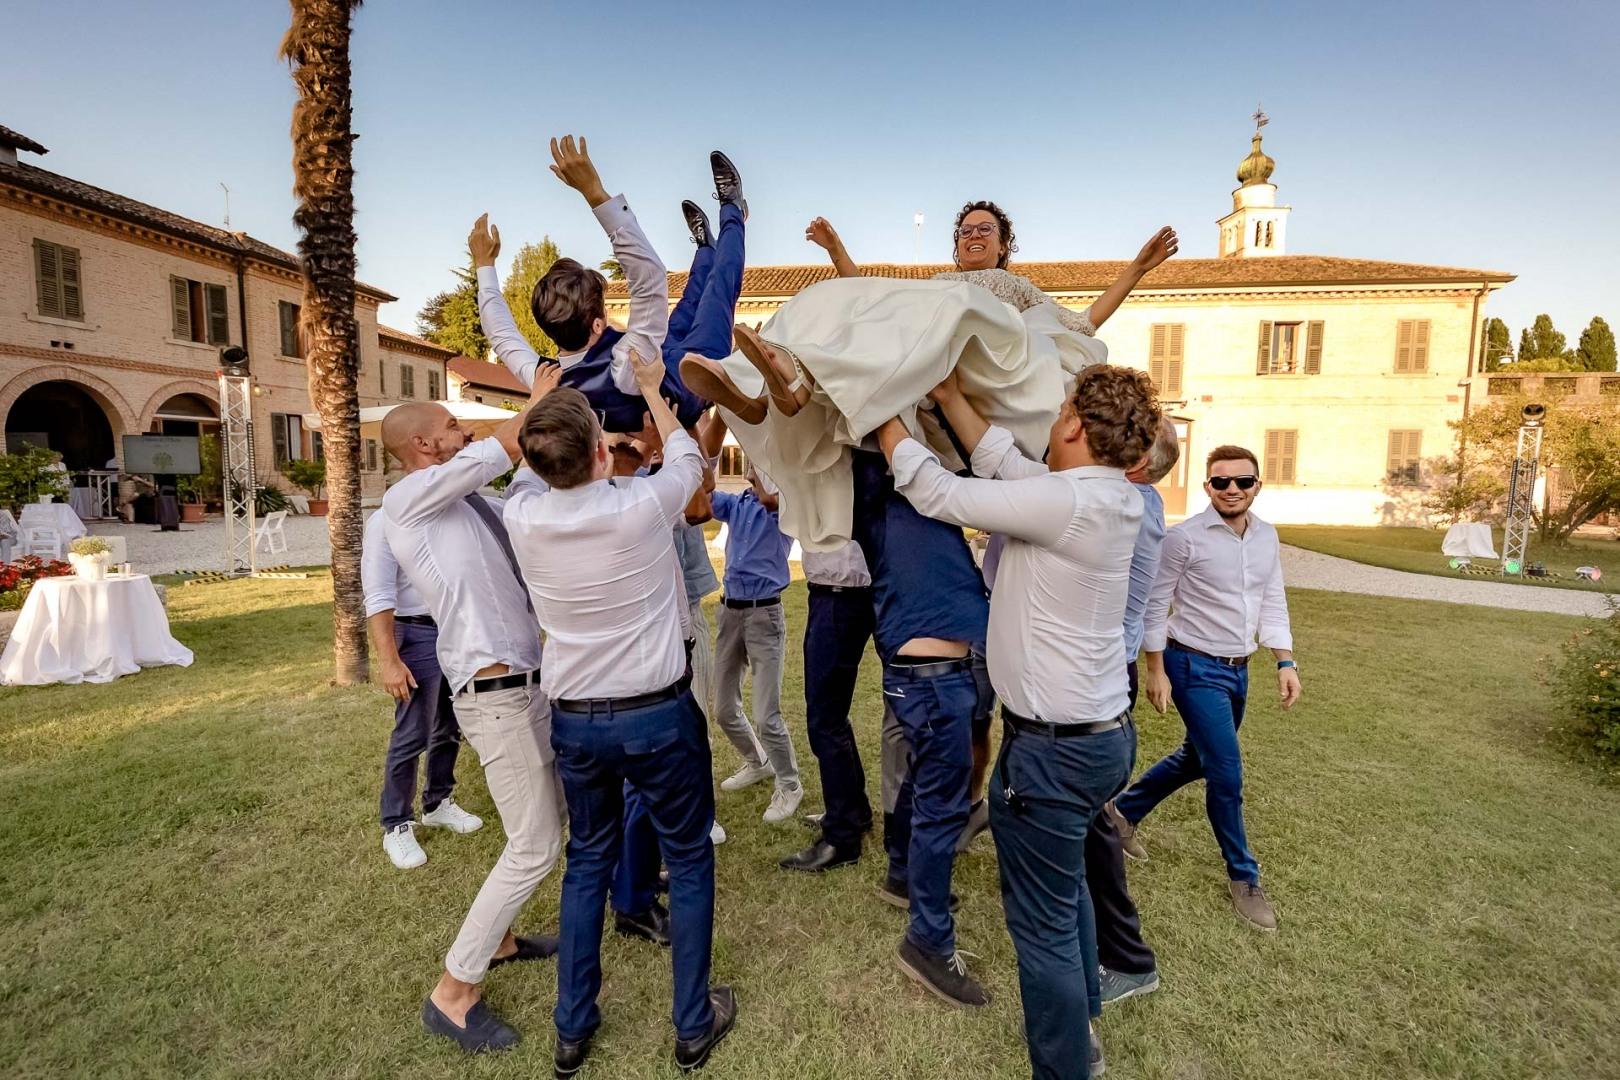 nicola-da-lio-wedding-photographer-venezia-treviso-padova-veneto-italia-137